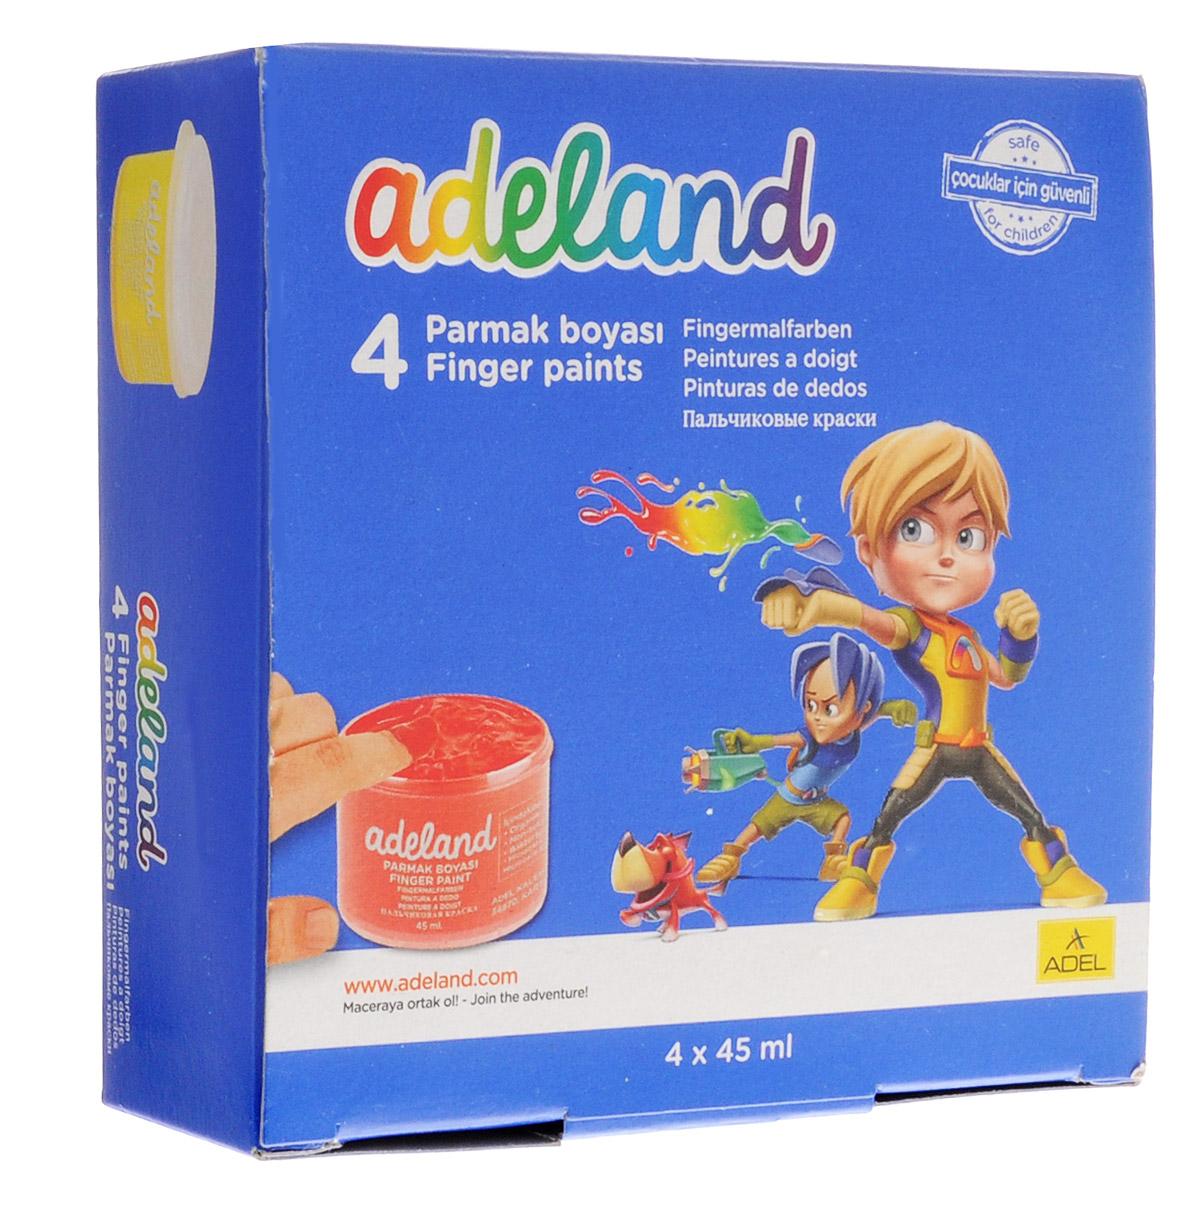 Adel Краски пальчиковые Adeland 4 цвета234-0630-100Водорастворимые яркие краски Adel Adeland предназначены для рисования пальцами, кисточкой или губкой на бумаге и картоне. Путем смешивания красок может получится неограниченное количество тонов. Краски упакованы в картонную коробку и находятся в пластиковых баночках. В комплект входит 4 насыщенных цвета: желтый, красный, синий, зеленый.